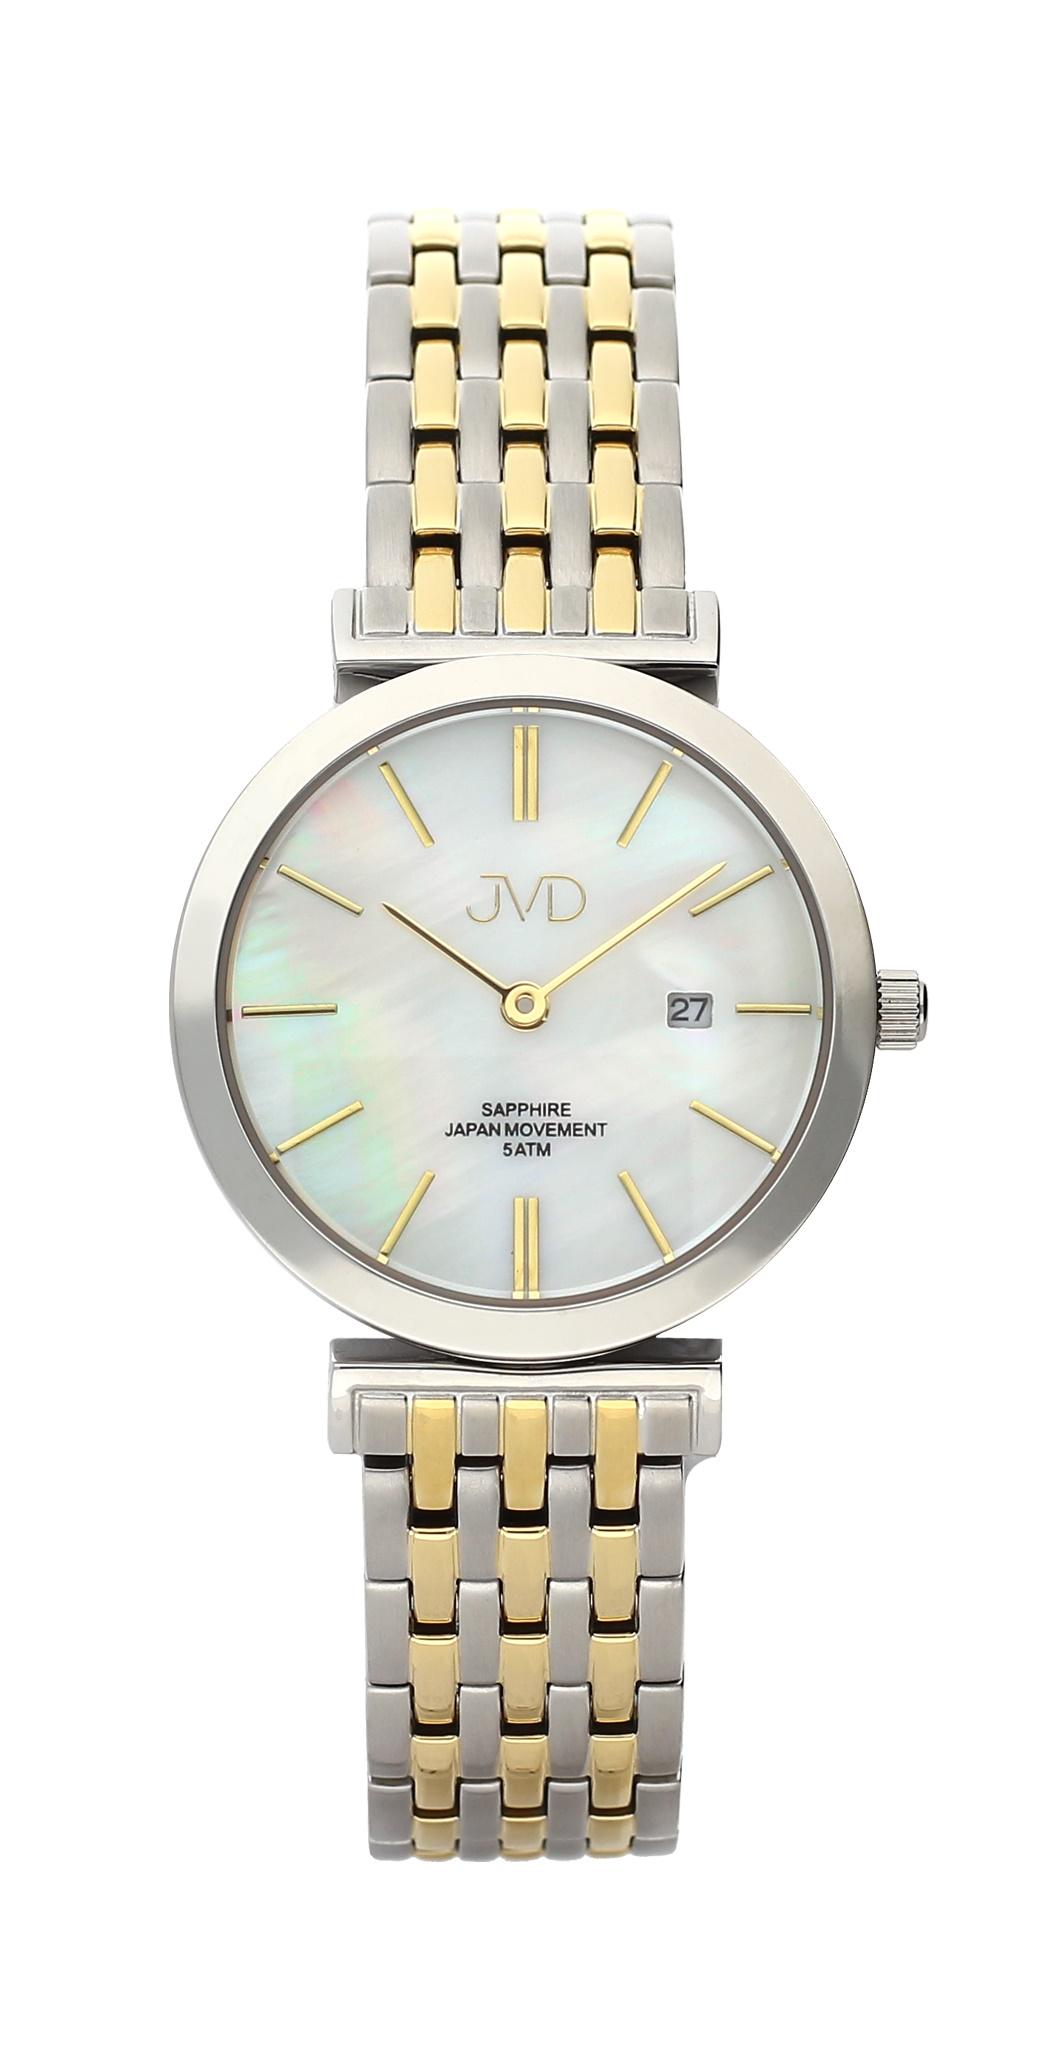 Dámské čitelné náramkové hodinky se safírovým sklem JVD J4150.2 (POŠTOVNÉ ZDARMA!!)